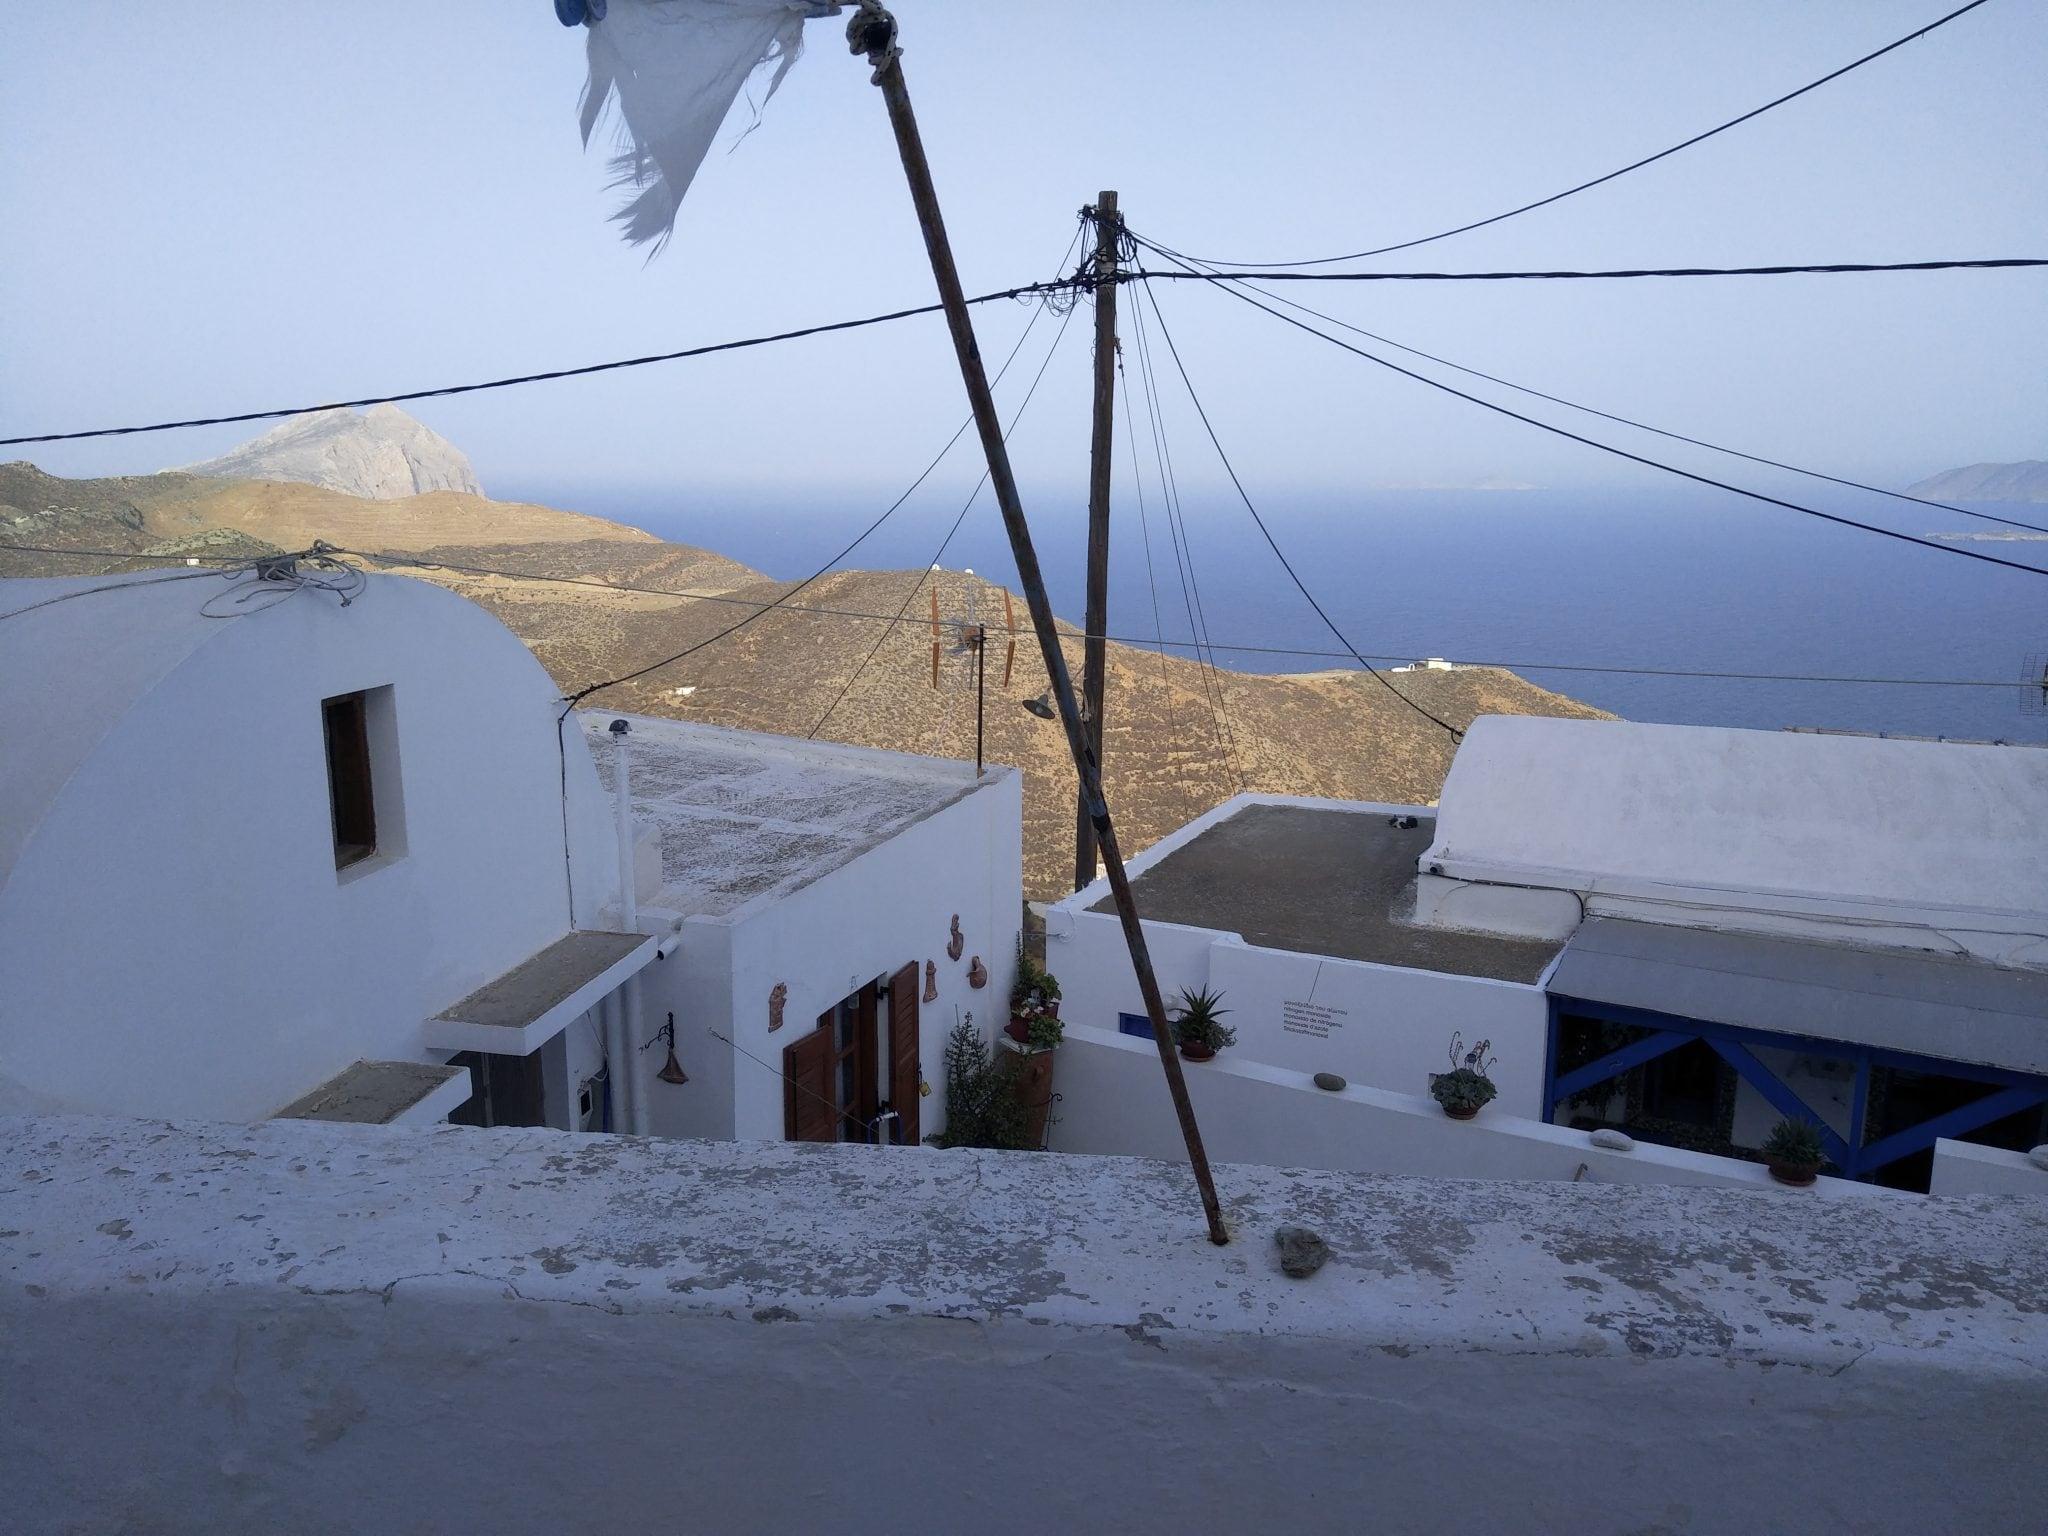 Maison, Anafi - Ref GR-4776